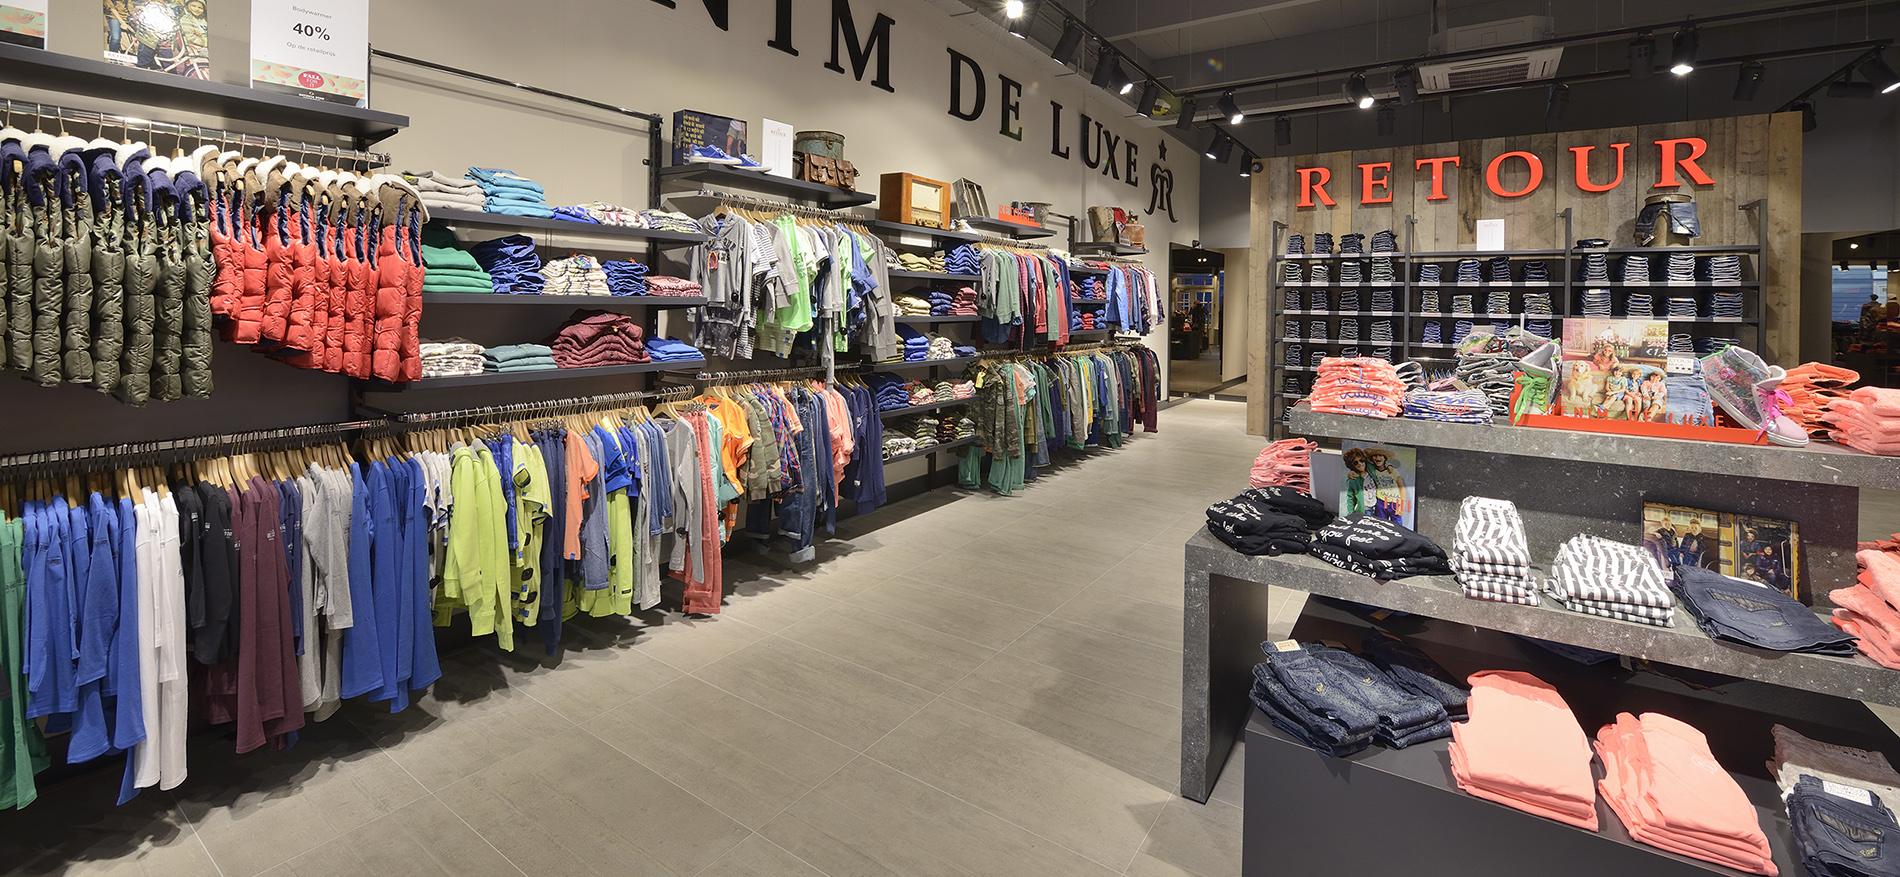 Retour jeans denim de luxe winkel inrichting for Exterieur winkel